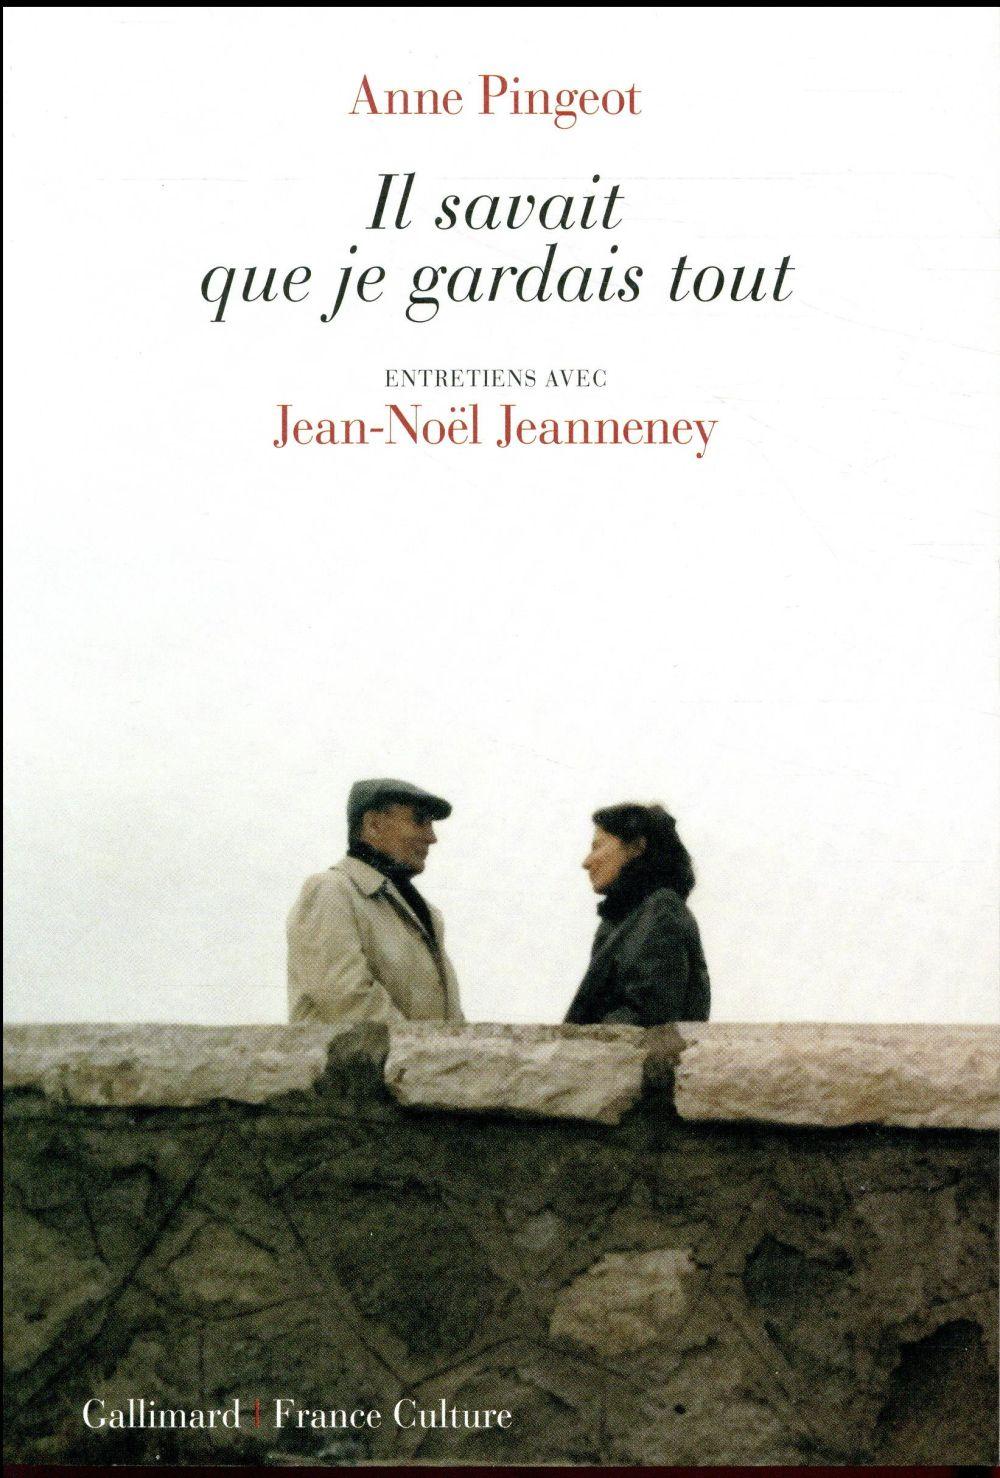 IL SAVAIT QUE JE GARDAIS TOUT - ENTRETIENS PINGEOT/JEANNENEY GALLIMARD